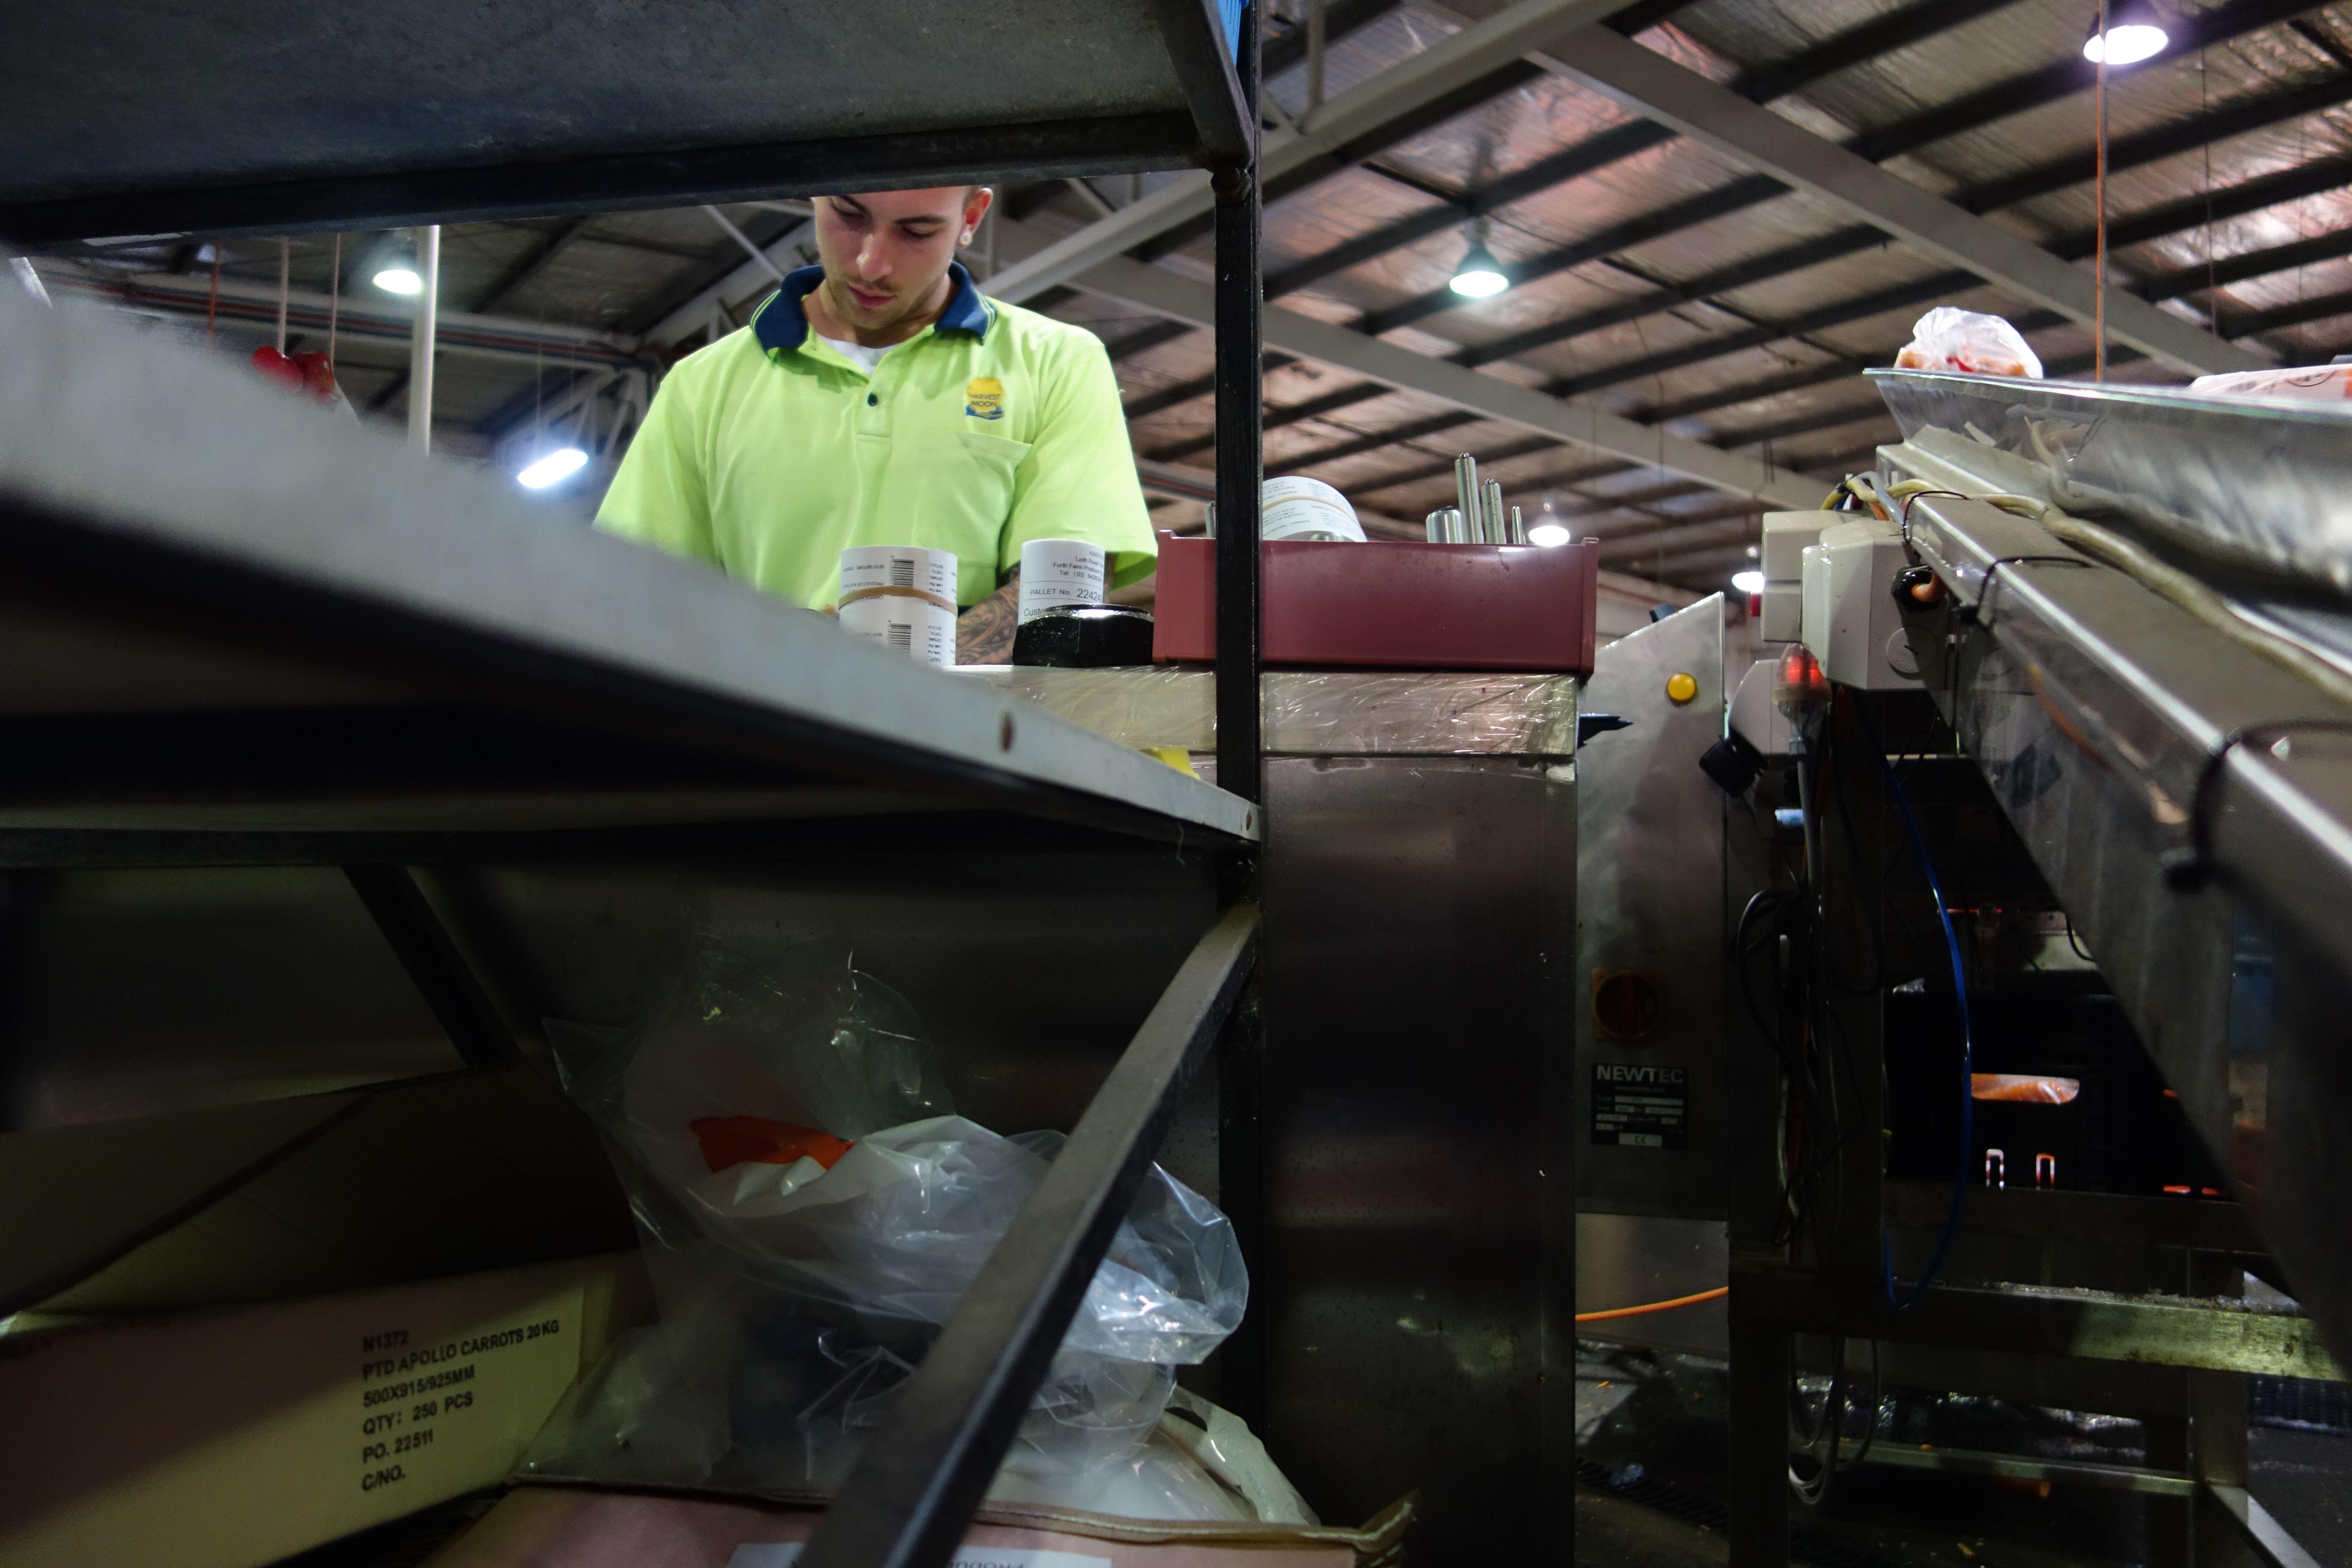 Australie- Tasmanie: Ahhh Andrew le superviseur. D'ailleurs j'avais aussi Andrew l'année derniere.